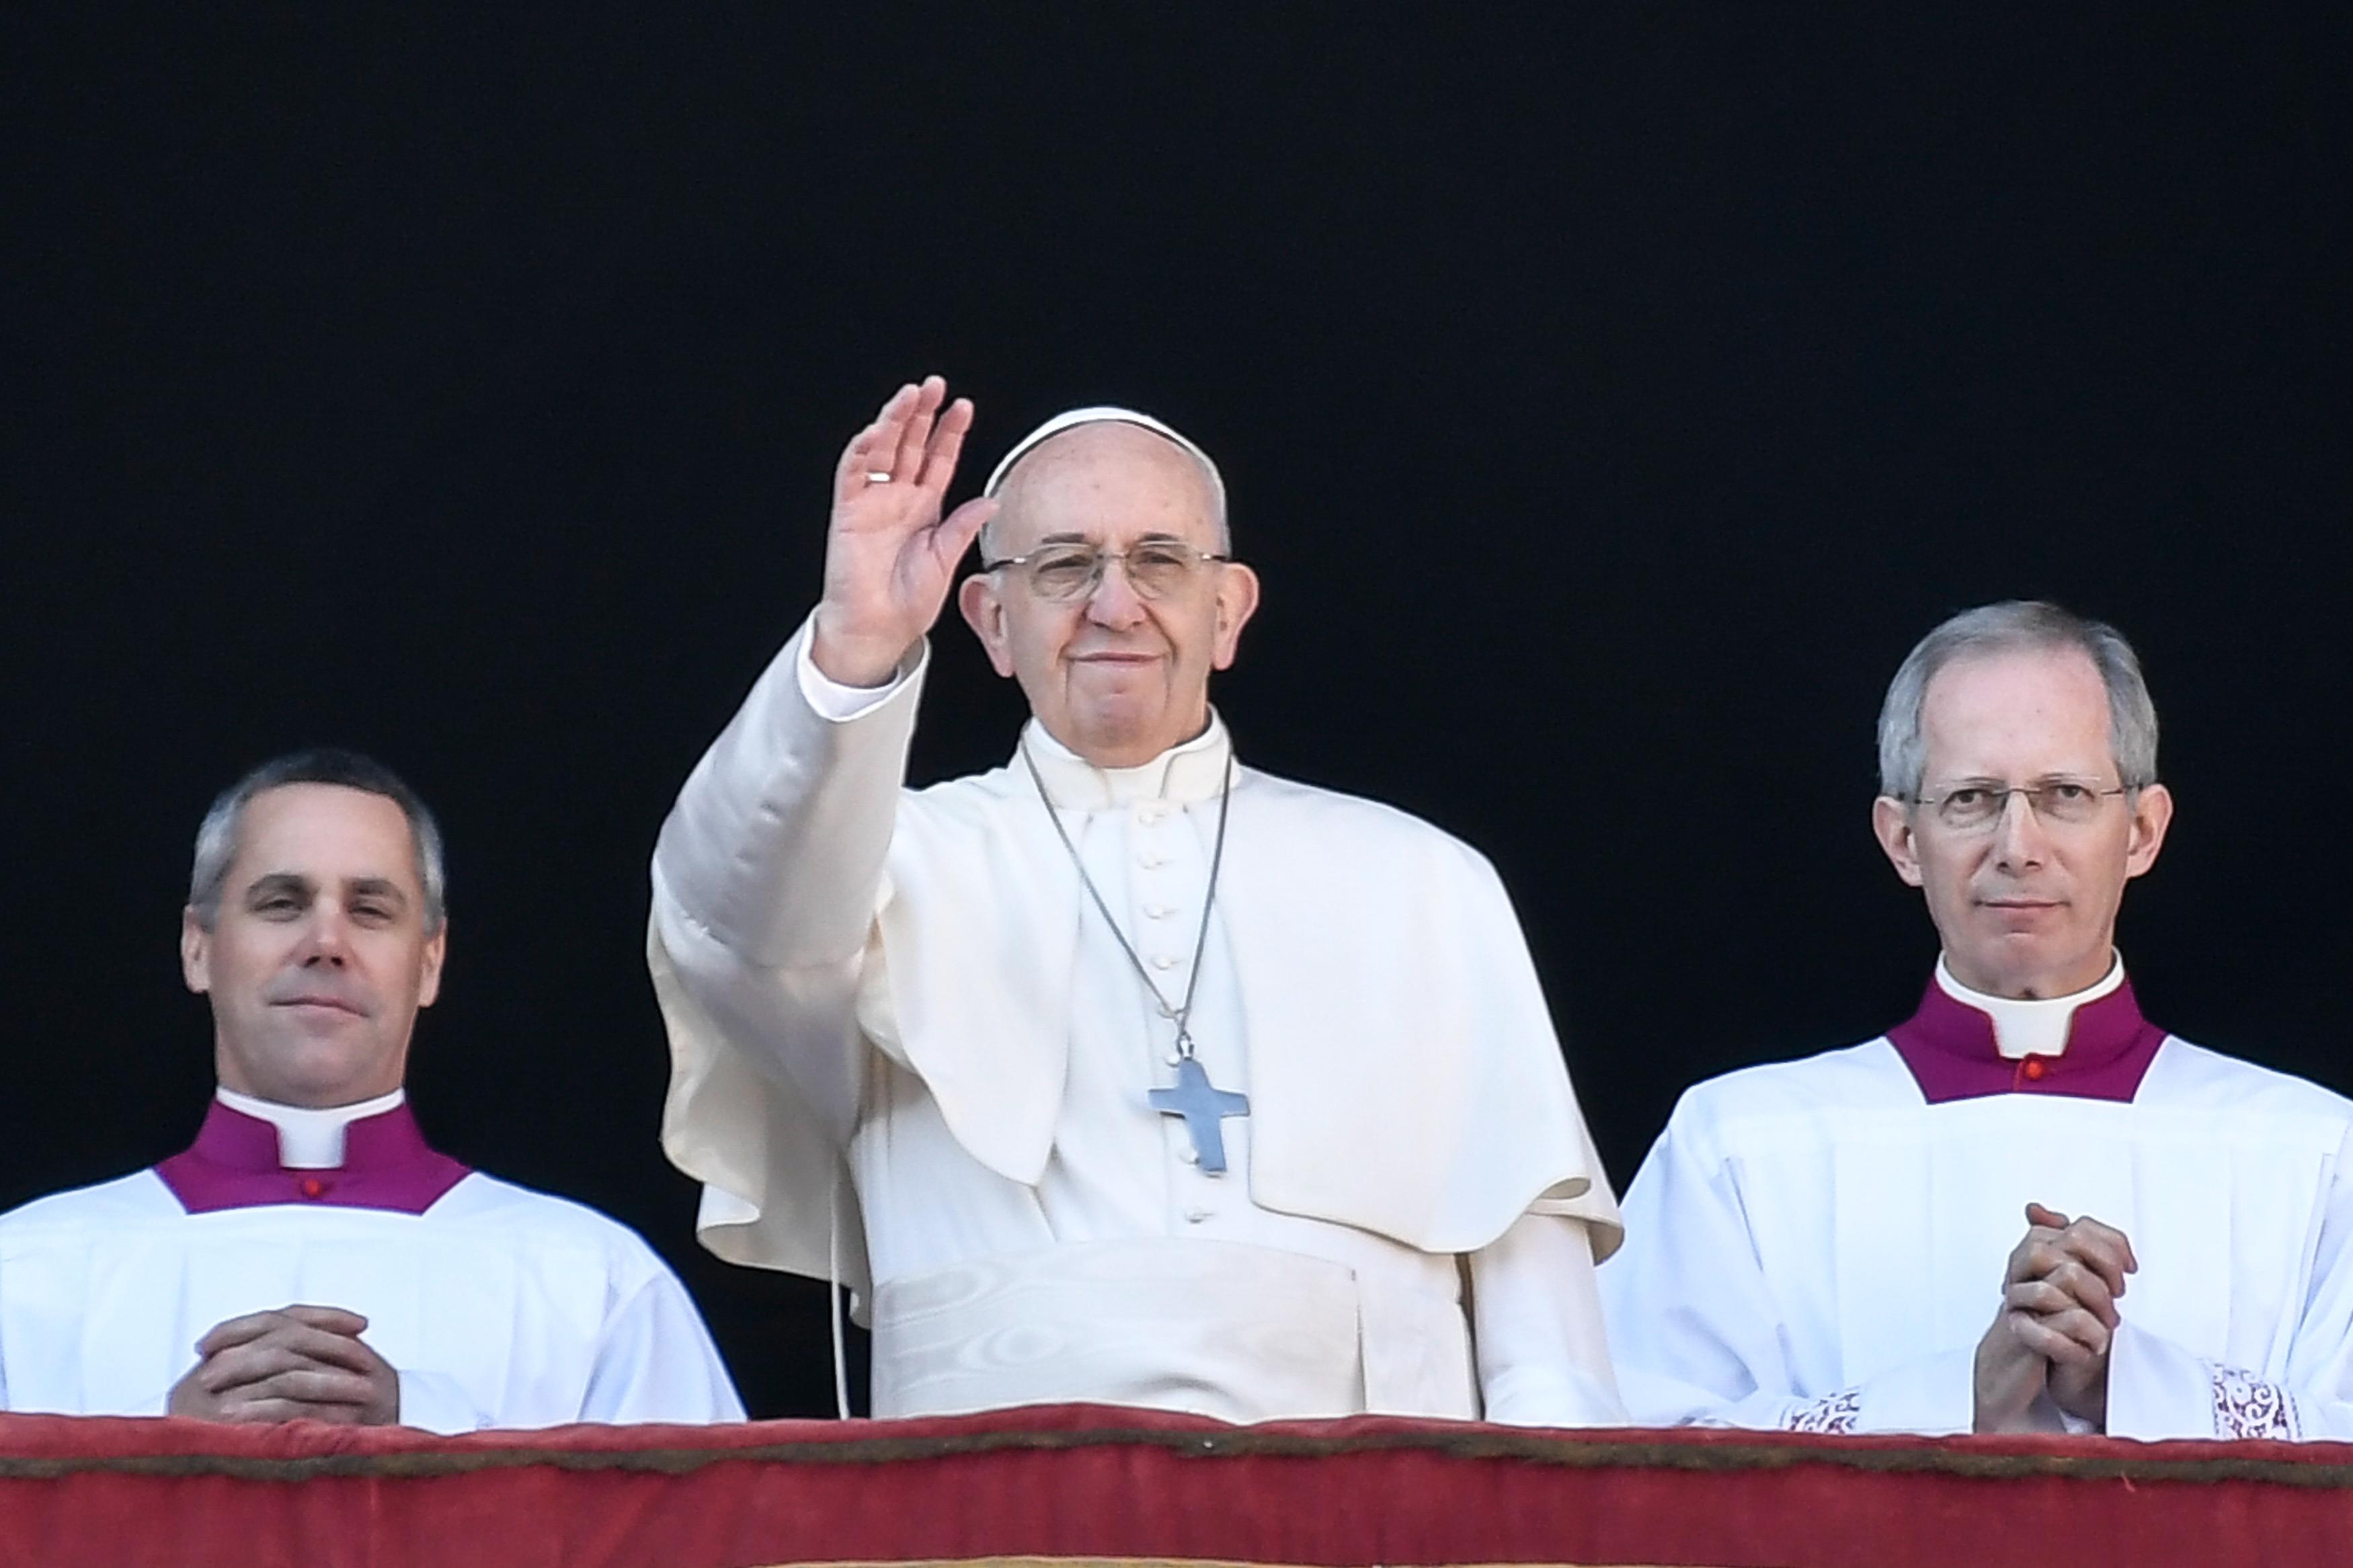 Ferenc pápa: Elfogadhatatlanok a politikában azok a hangok, amelyek mindenért a migránsokat okolják